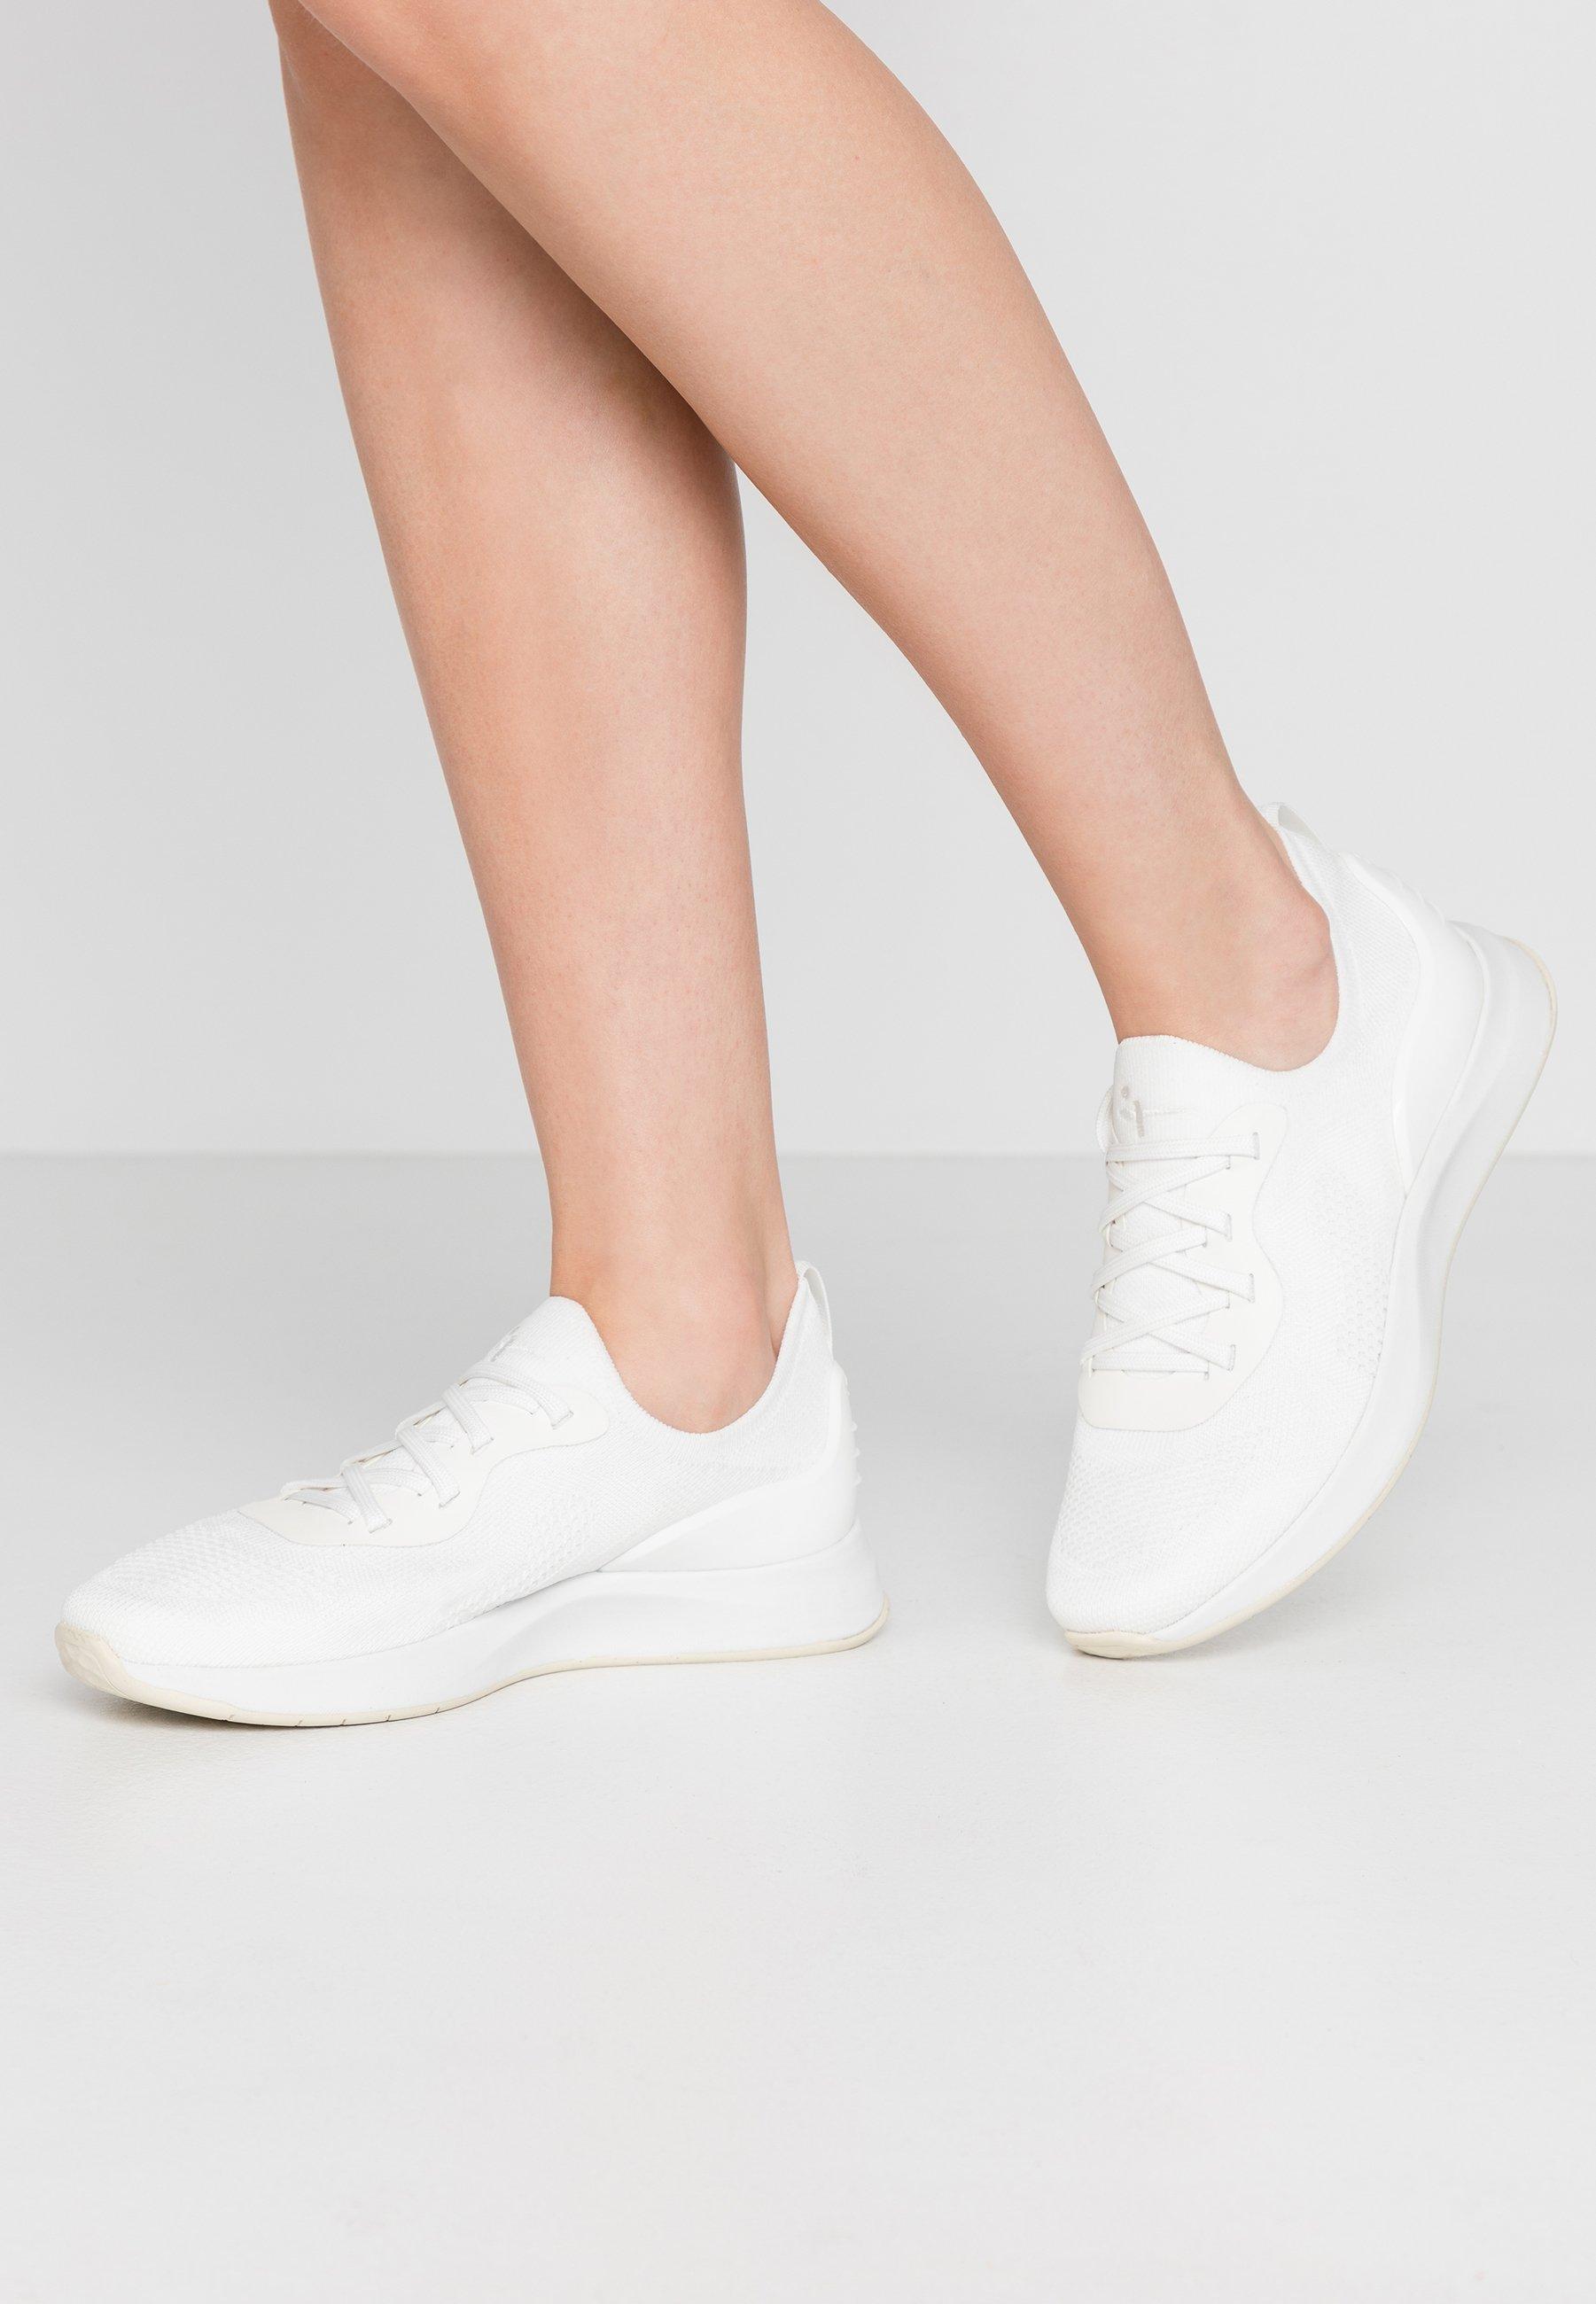 Tamaris Fashletics Joggesko - white/neon